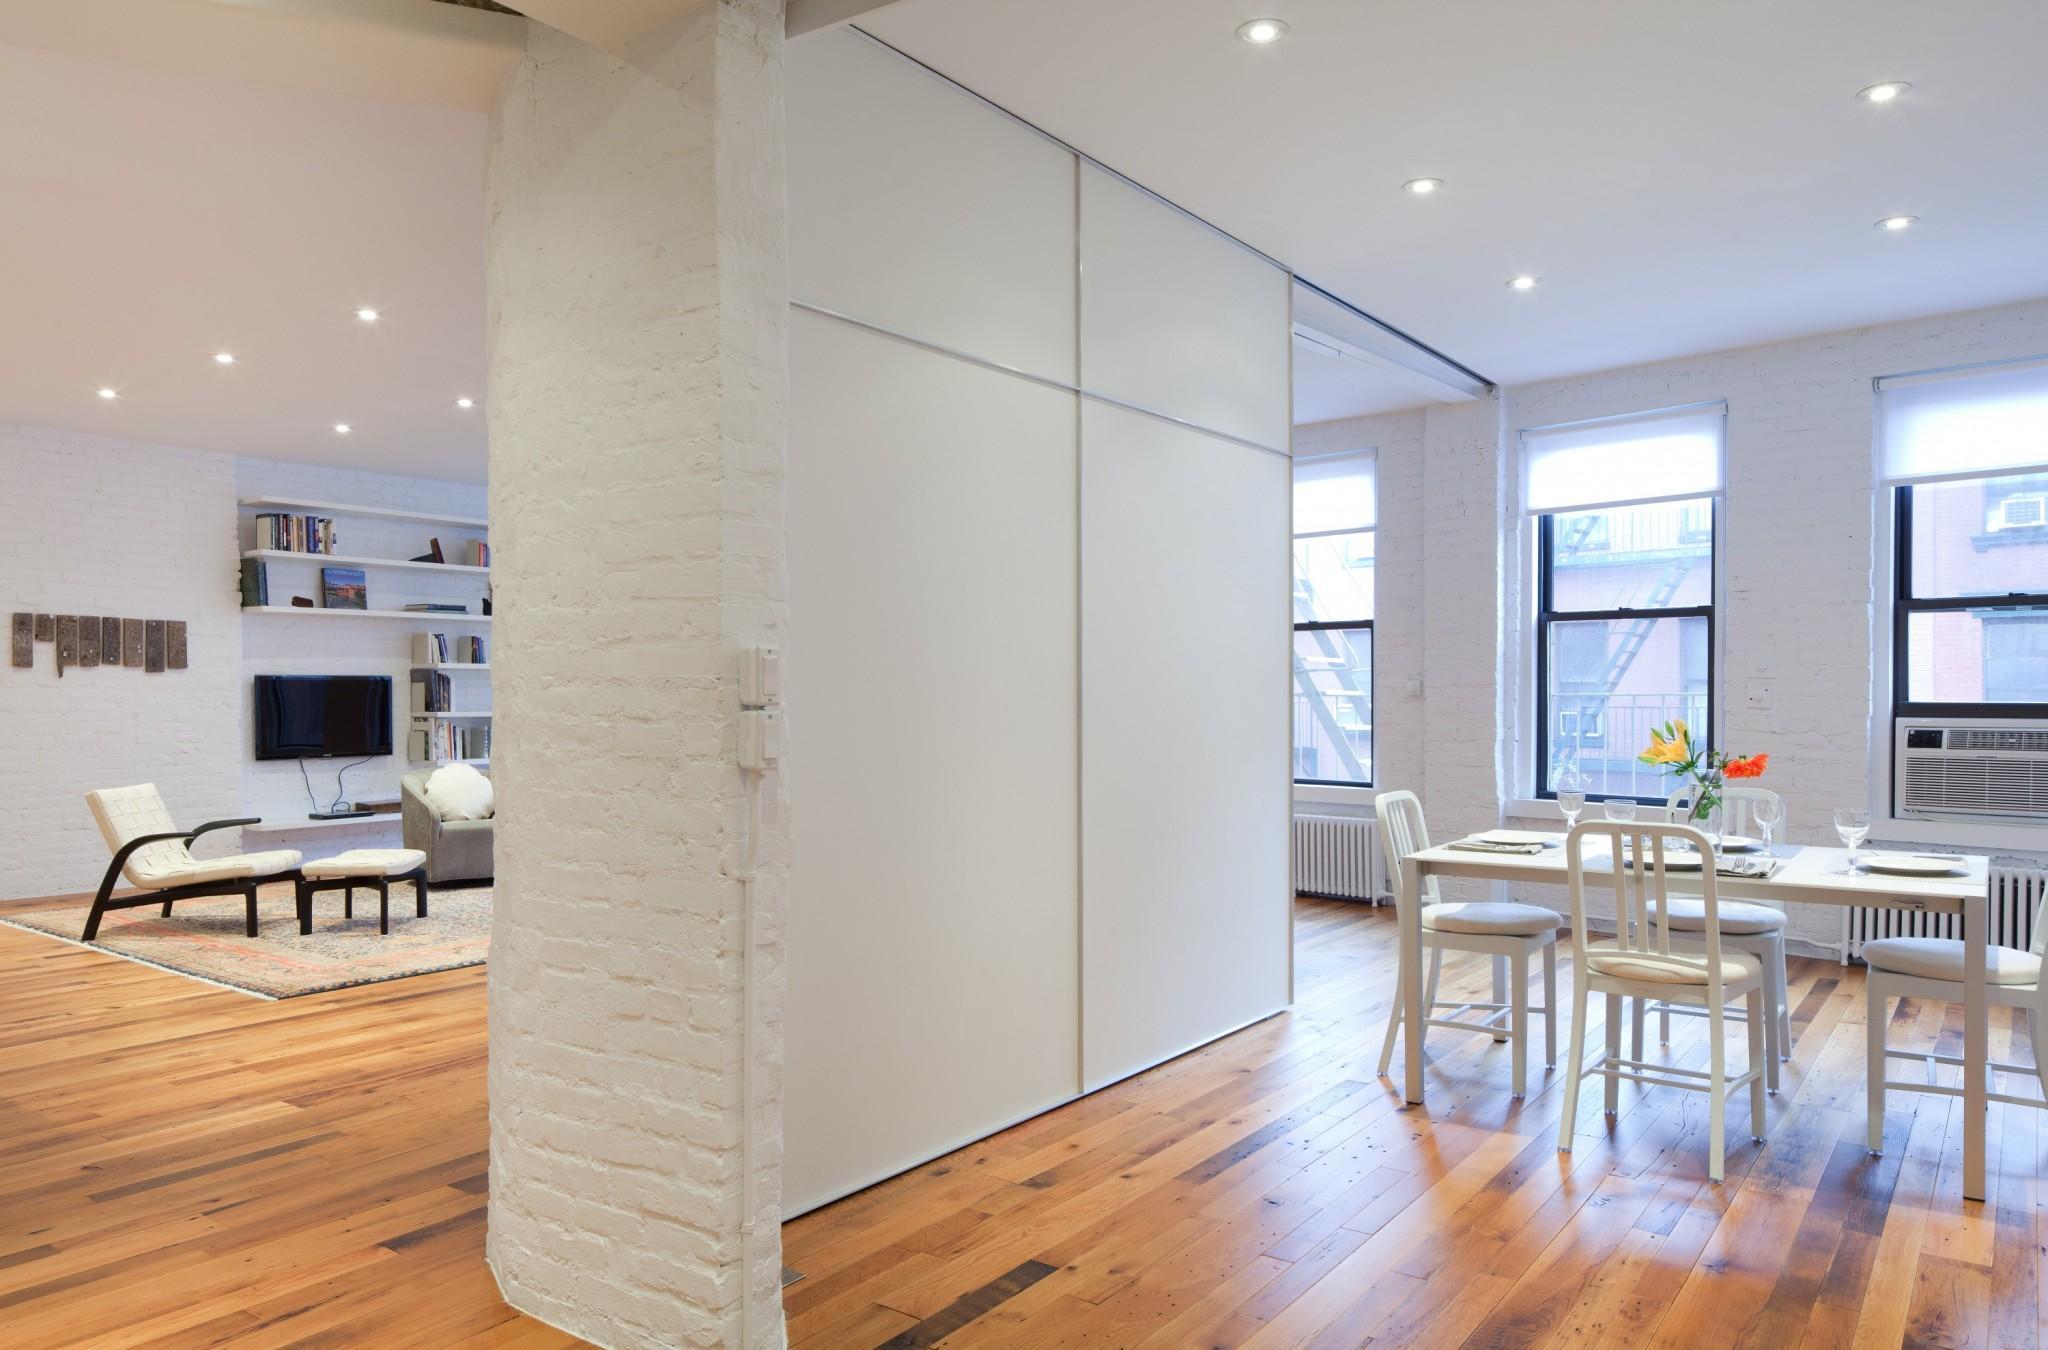 Шкаф между гостиной и кухней